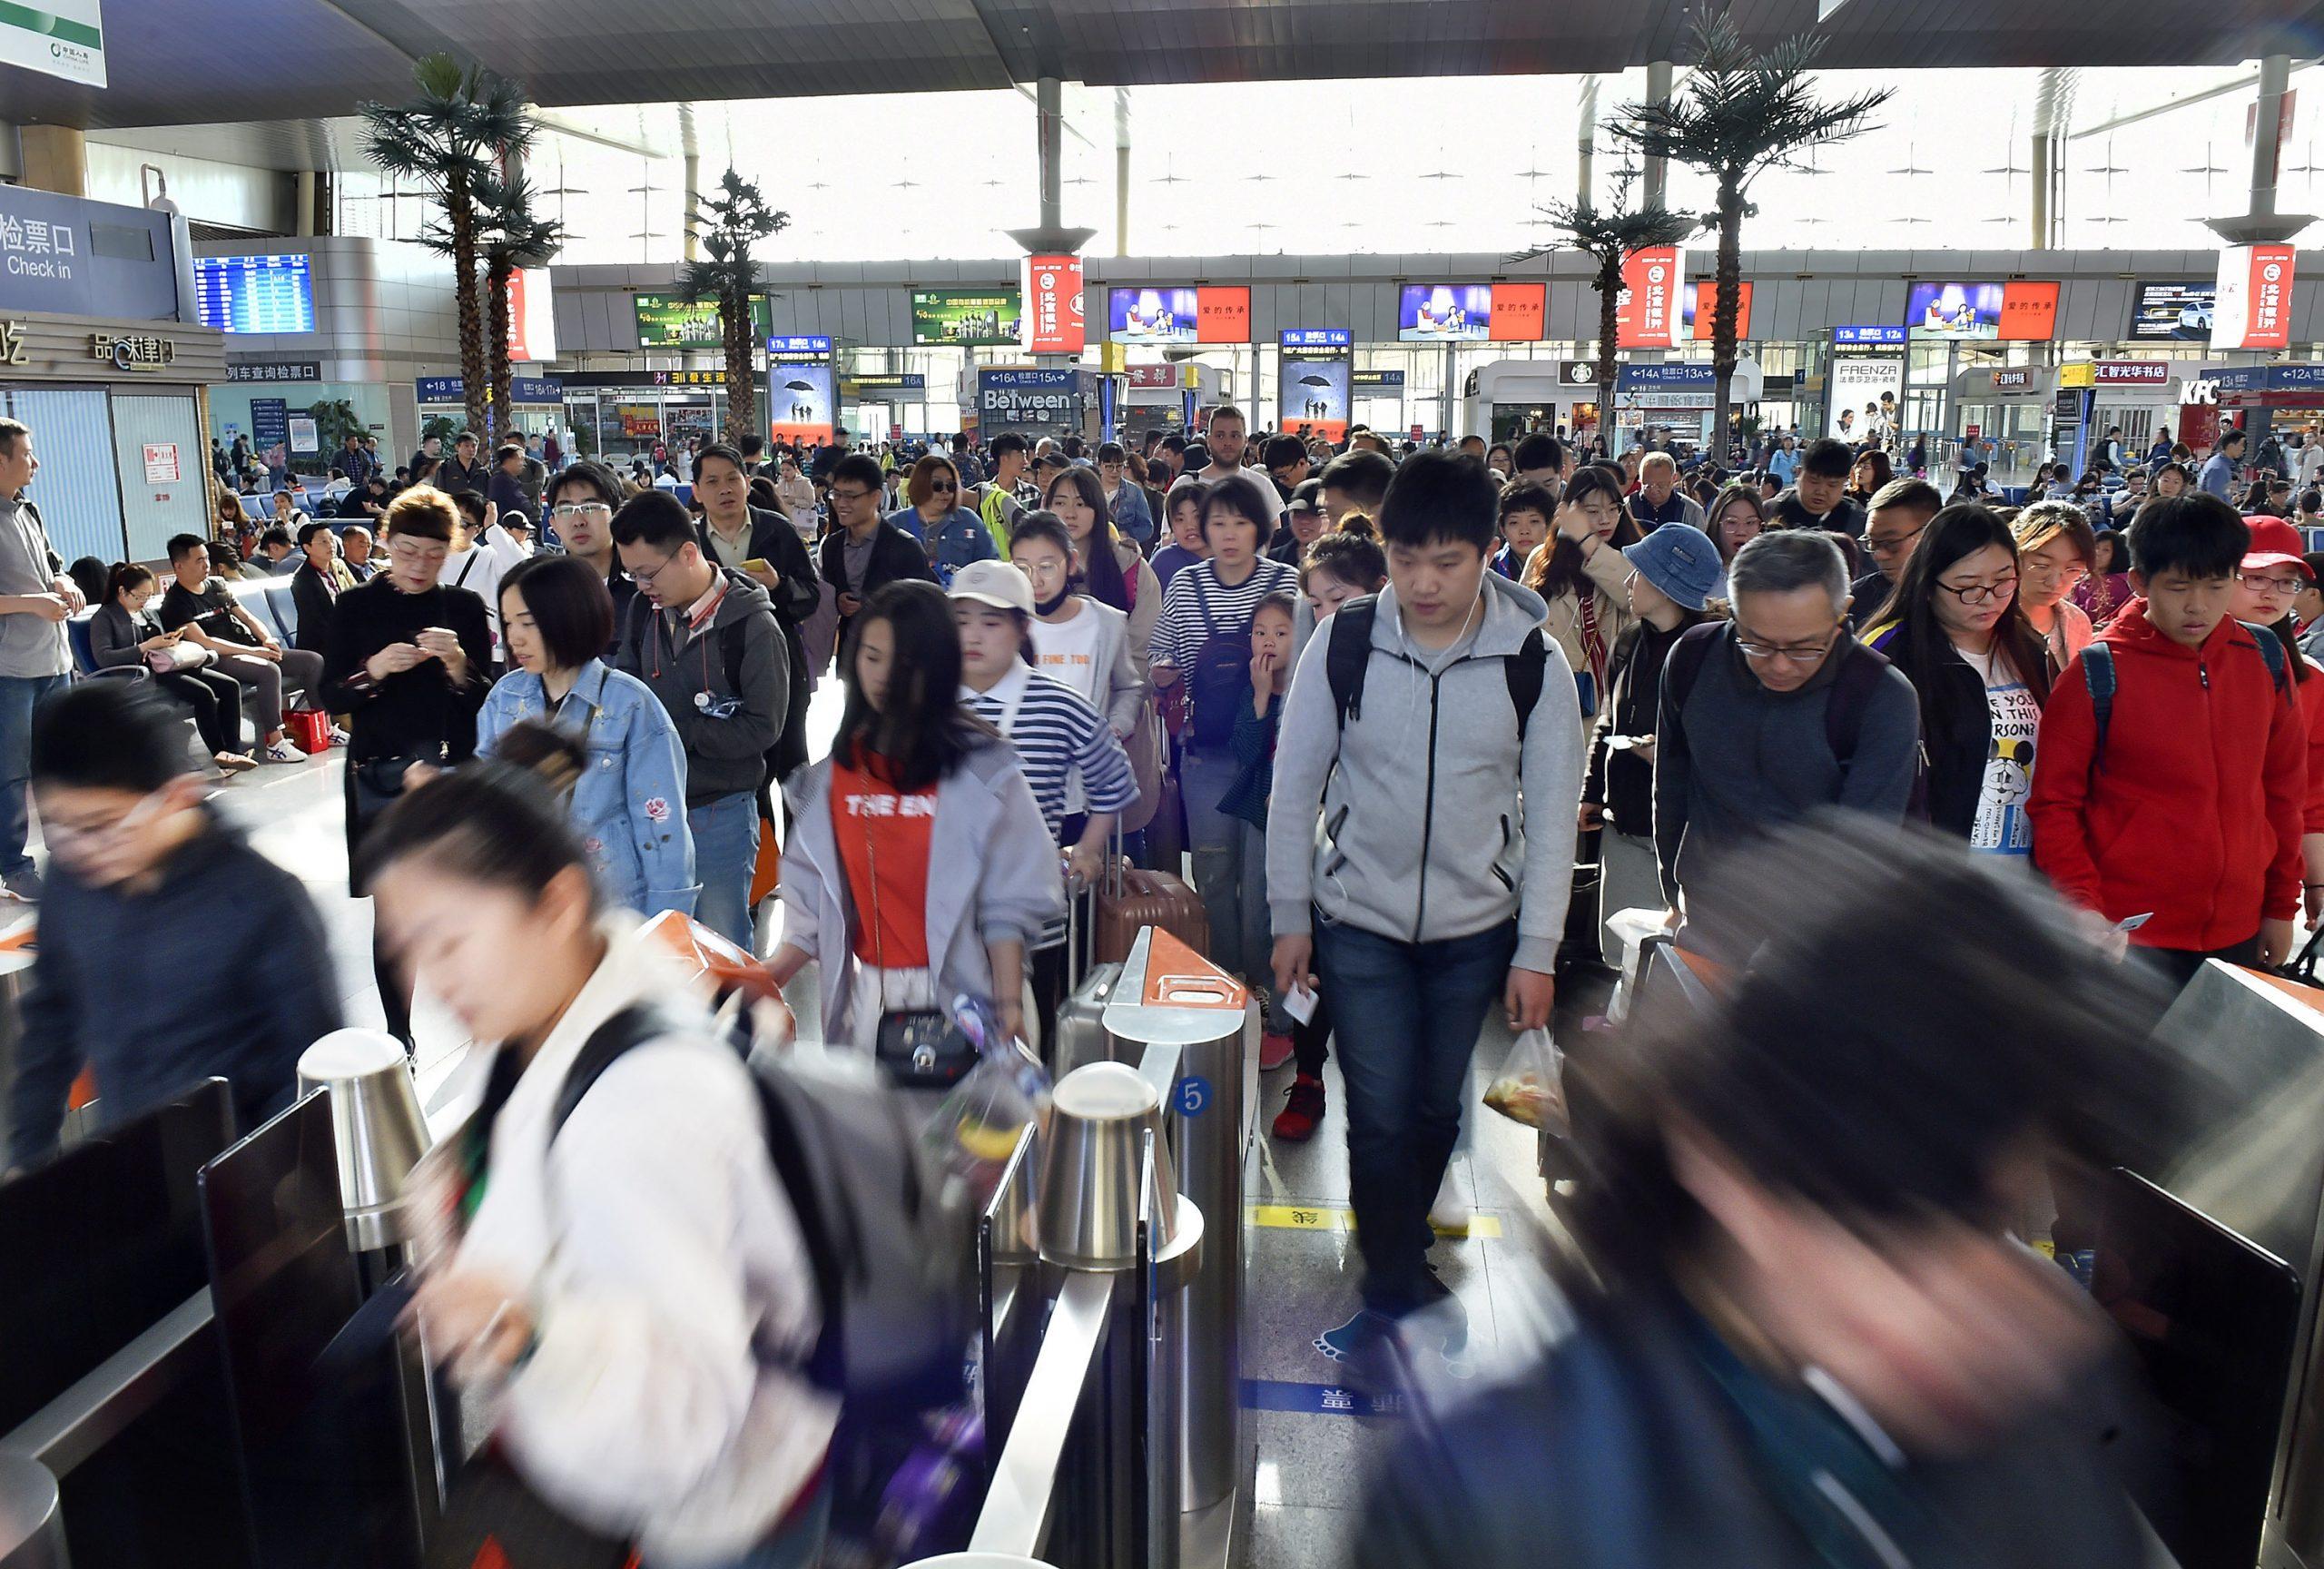 Viajes en tren de China por vacaciones de Día del Trabajo superan nivel previo a epidemia por segundo día consecutivo